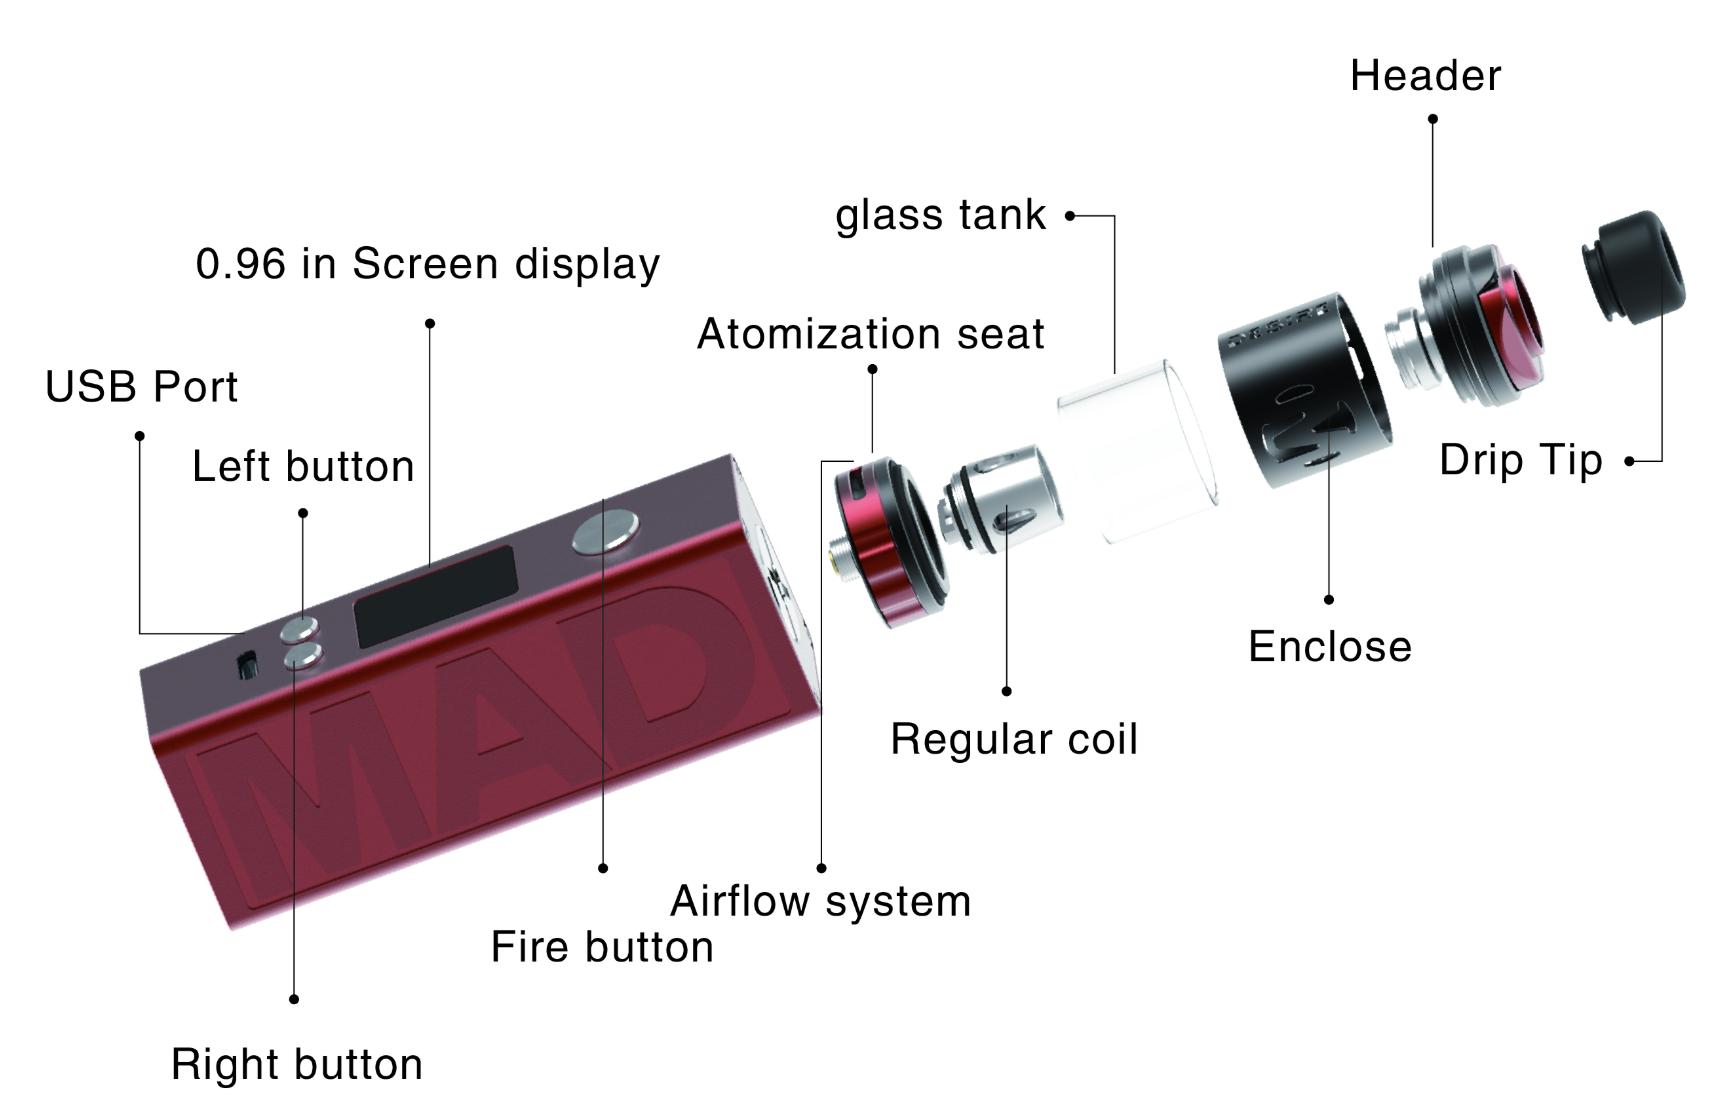 bc3a1a627d259f06615fe69d3cbb1dbd - 【レビュー】「Mad Mod Kit」 by DESIRE DESIGN MODもイケてるスターター!デザインおしゃれ、味濃厚。【VAPE/電子たばこ】